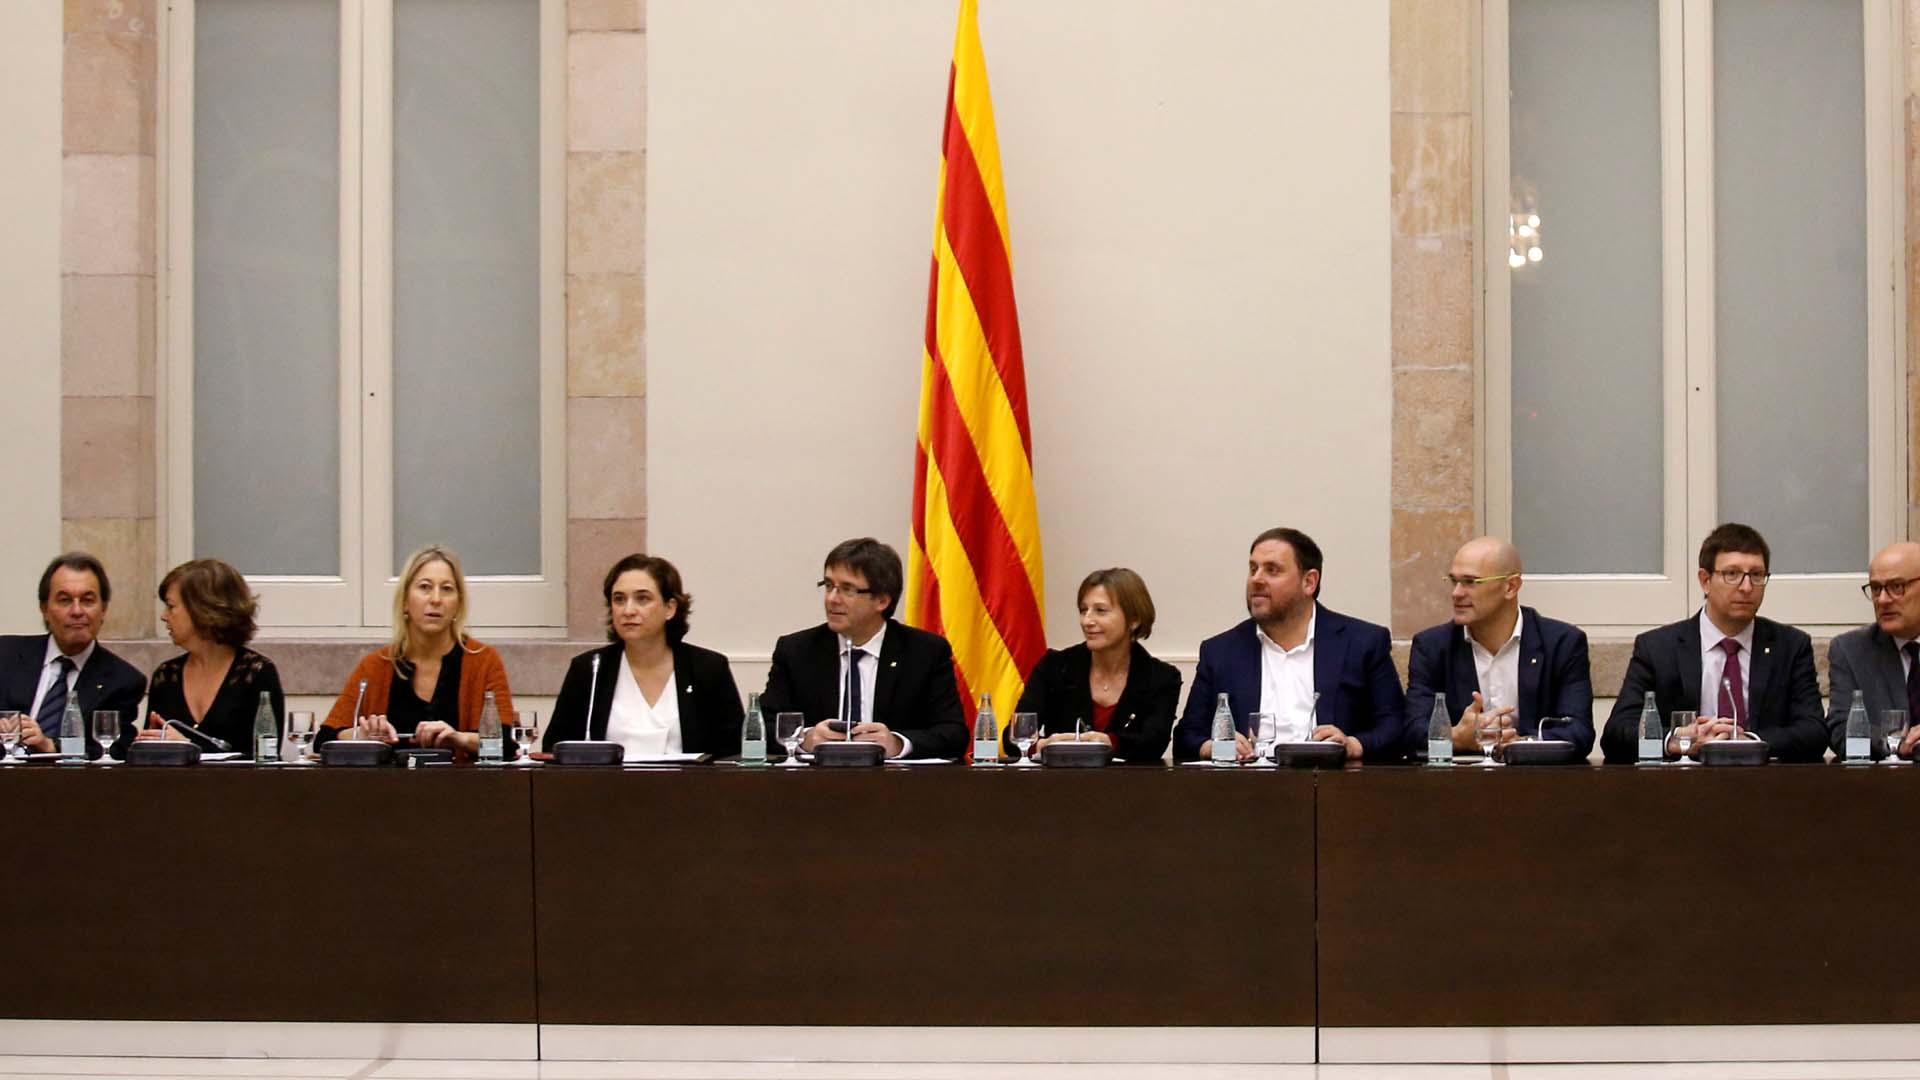 La región española buscará en 2017 un cambio legal que permita un referéndum para su independencia